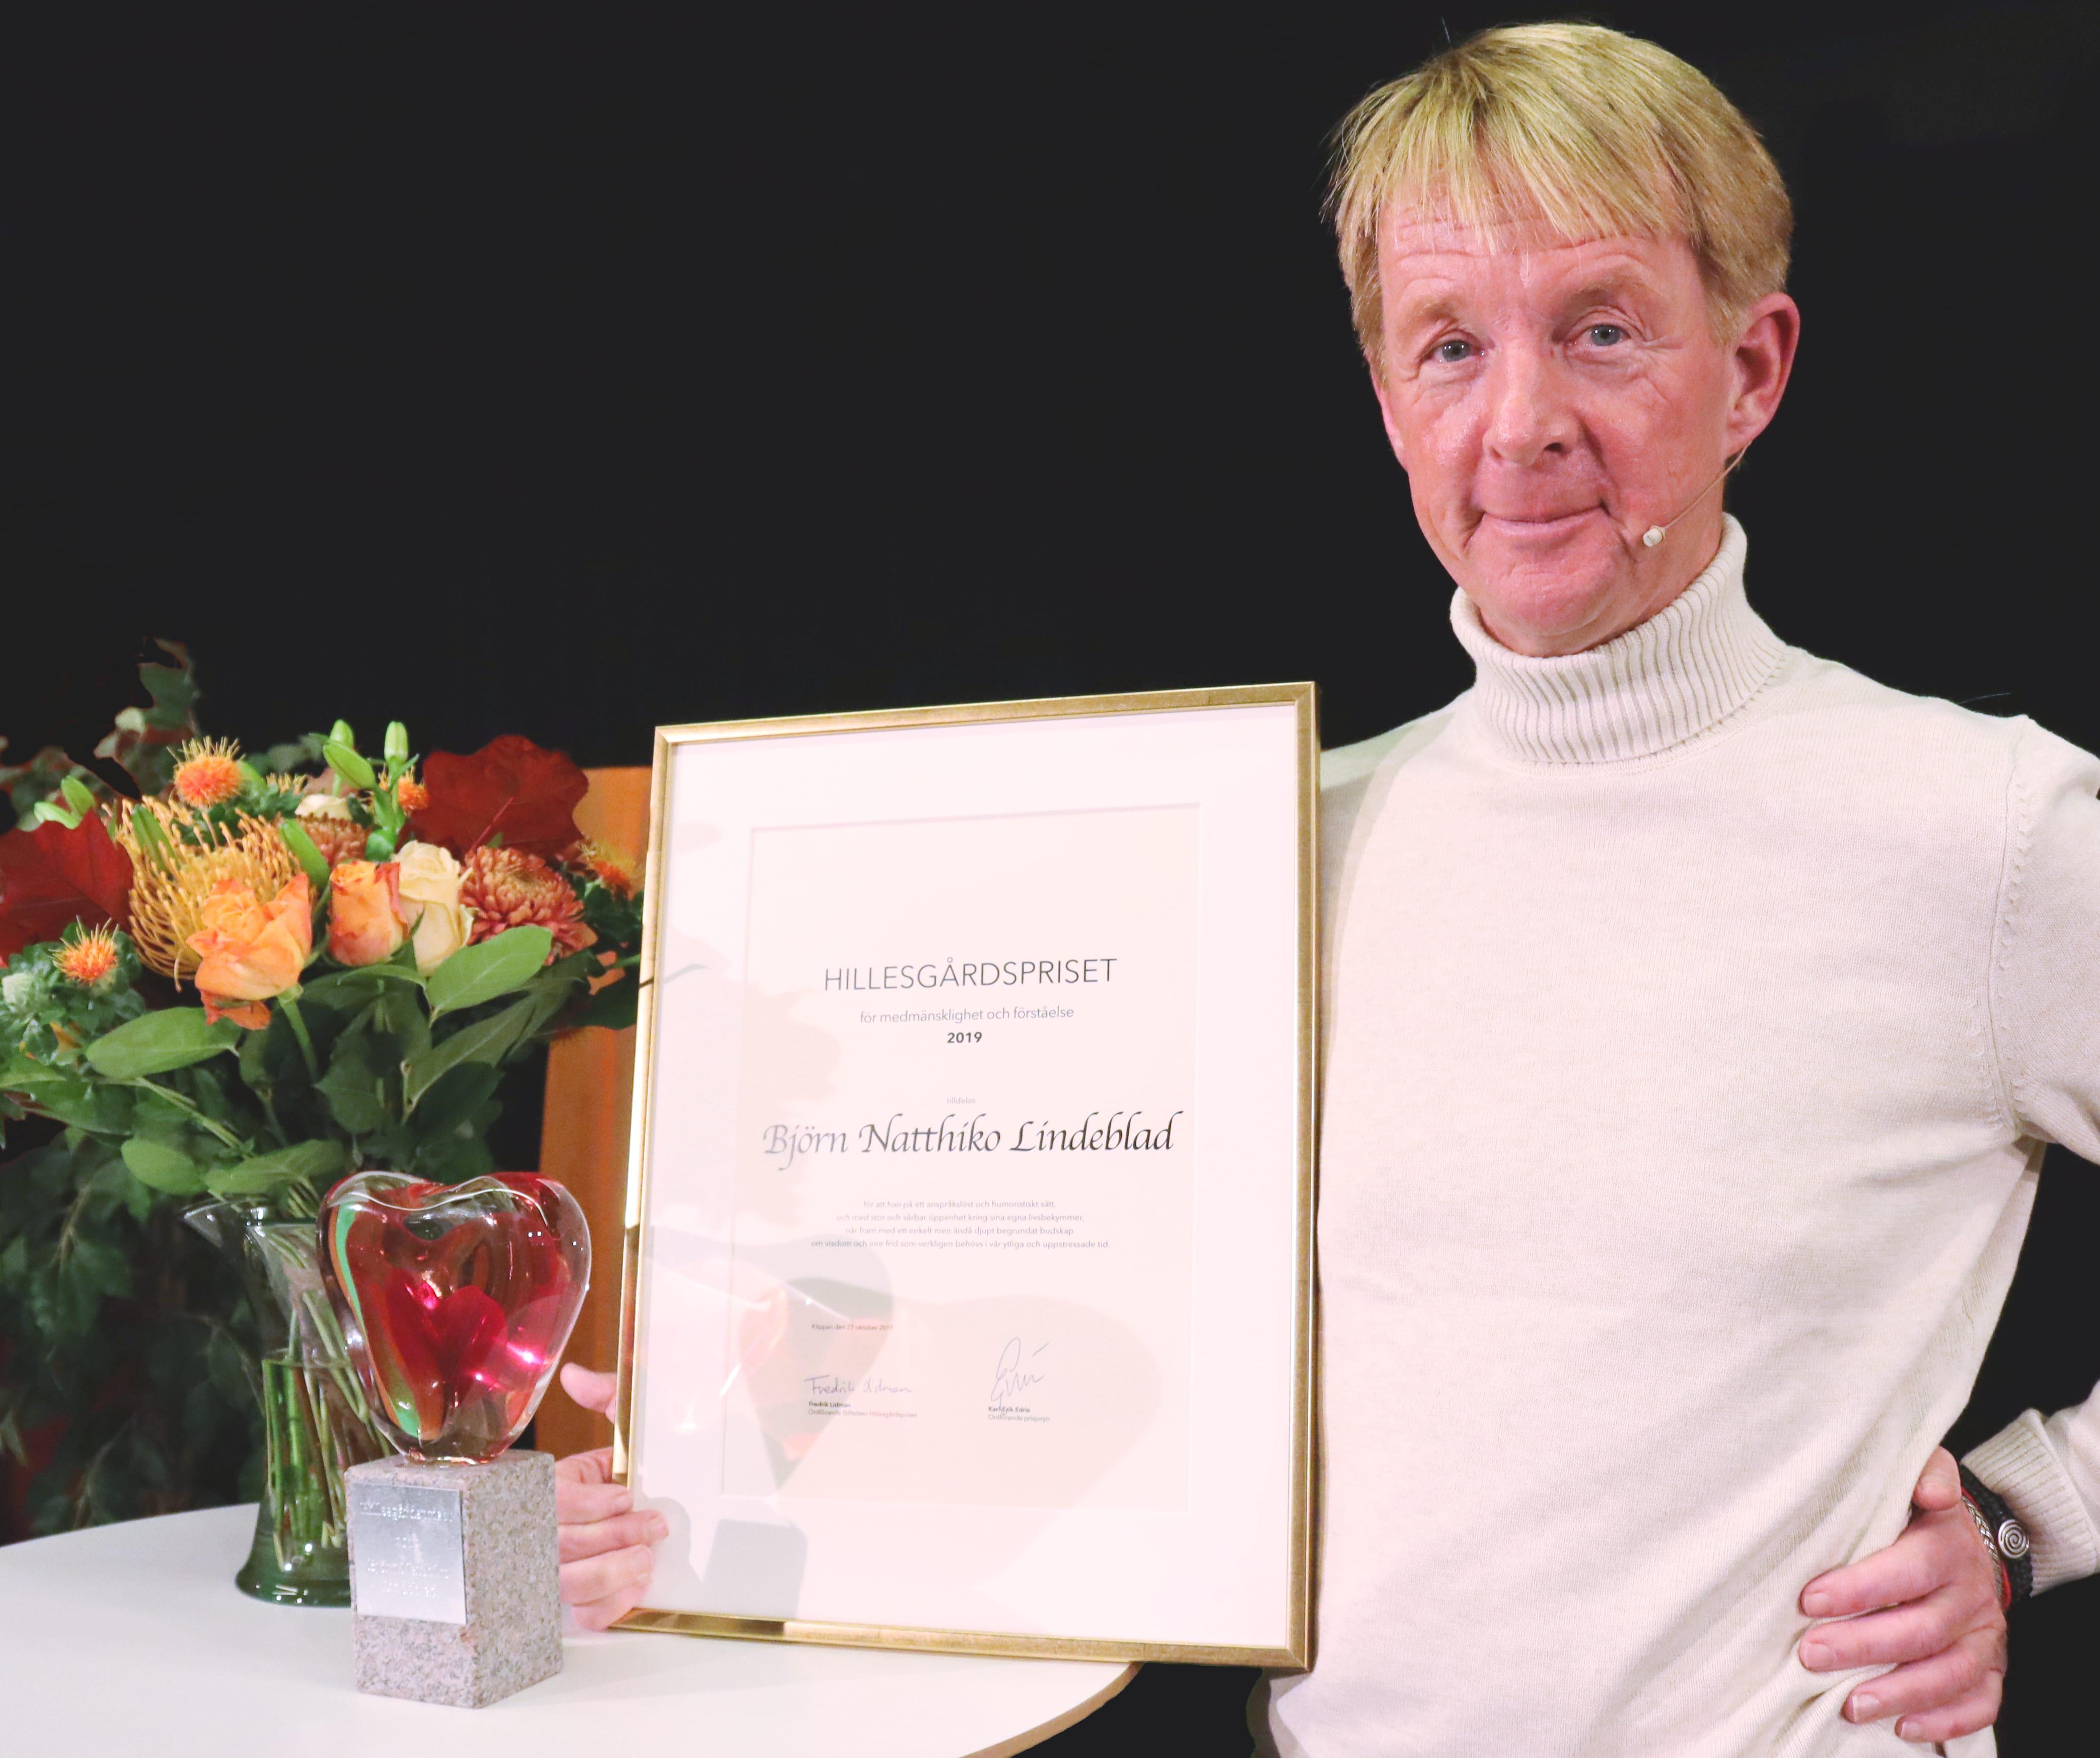 Björn Natthiko Lindeblad. Mottagare av 2019 års Hillesgårdspris för medmänsklighet och förståelse.